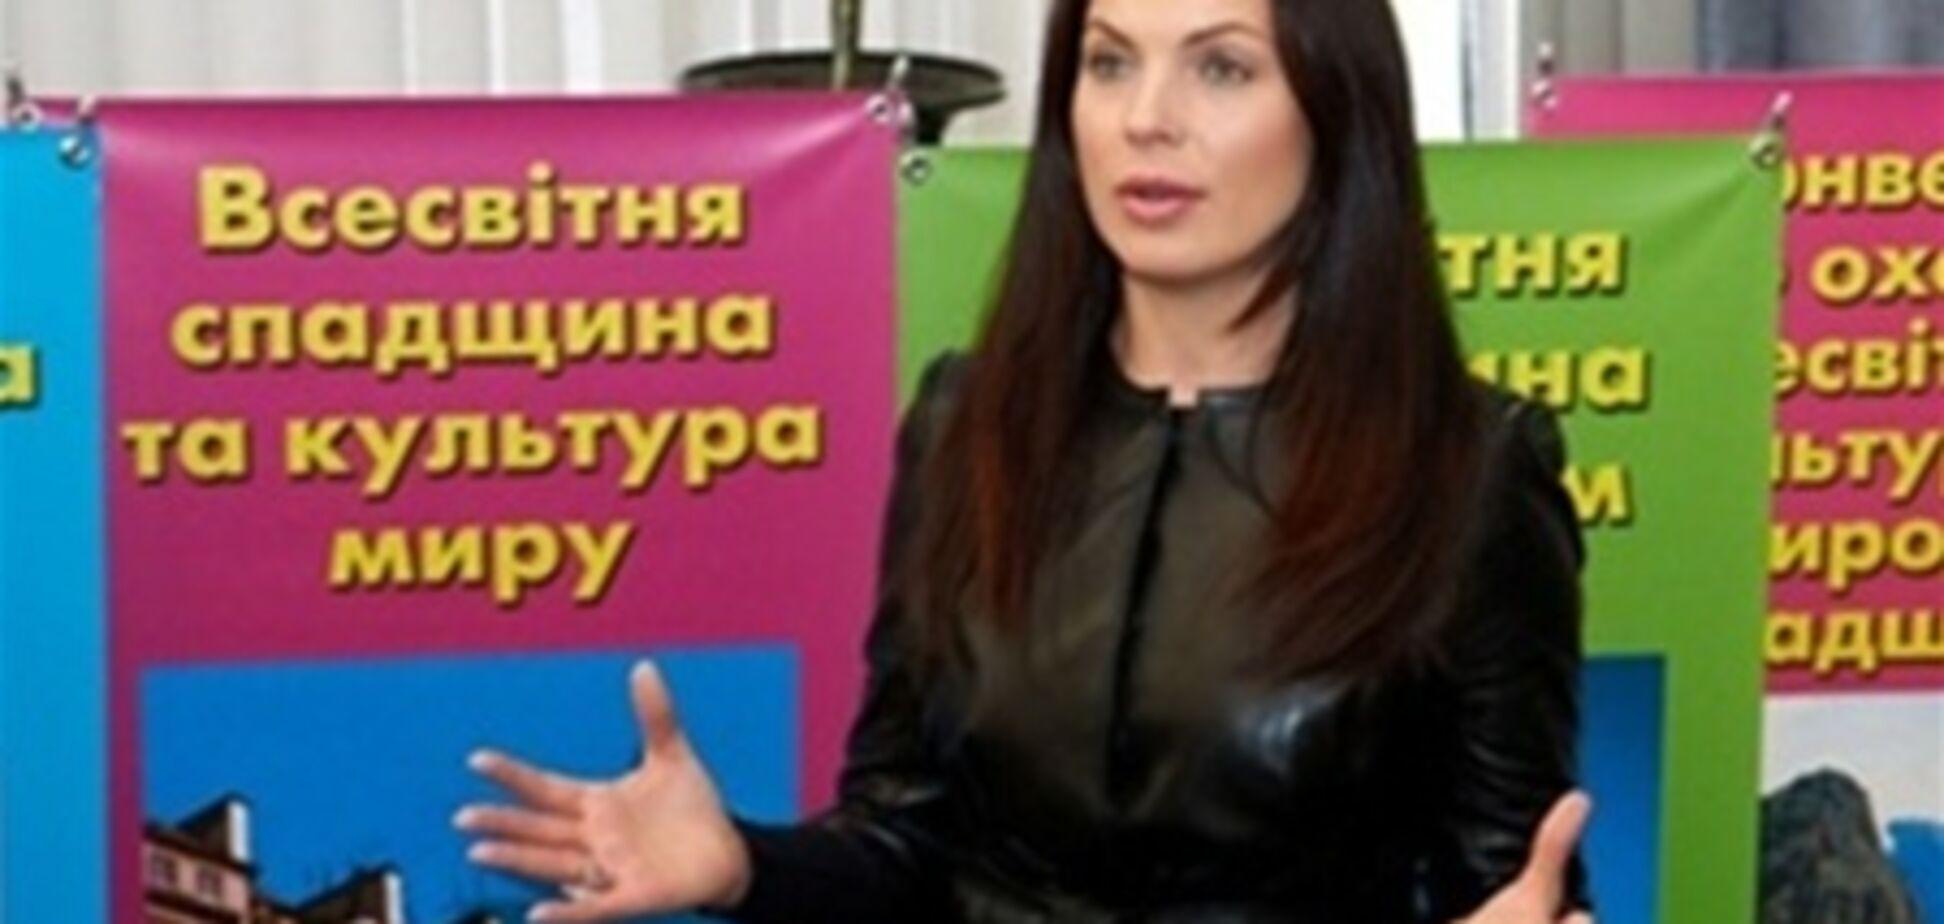 В Броварах погибла мать экс-модели Влады Литовченко - СМИ